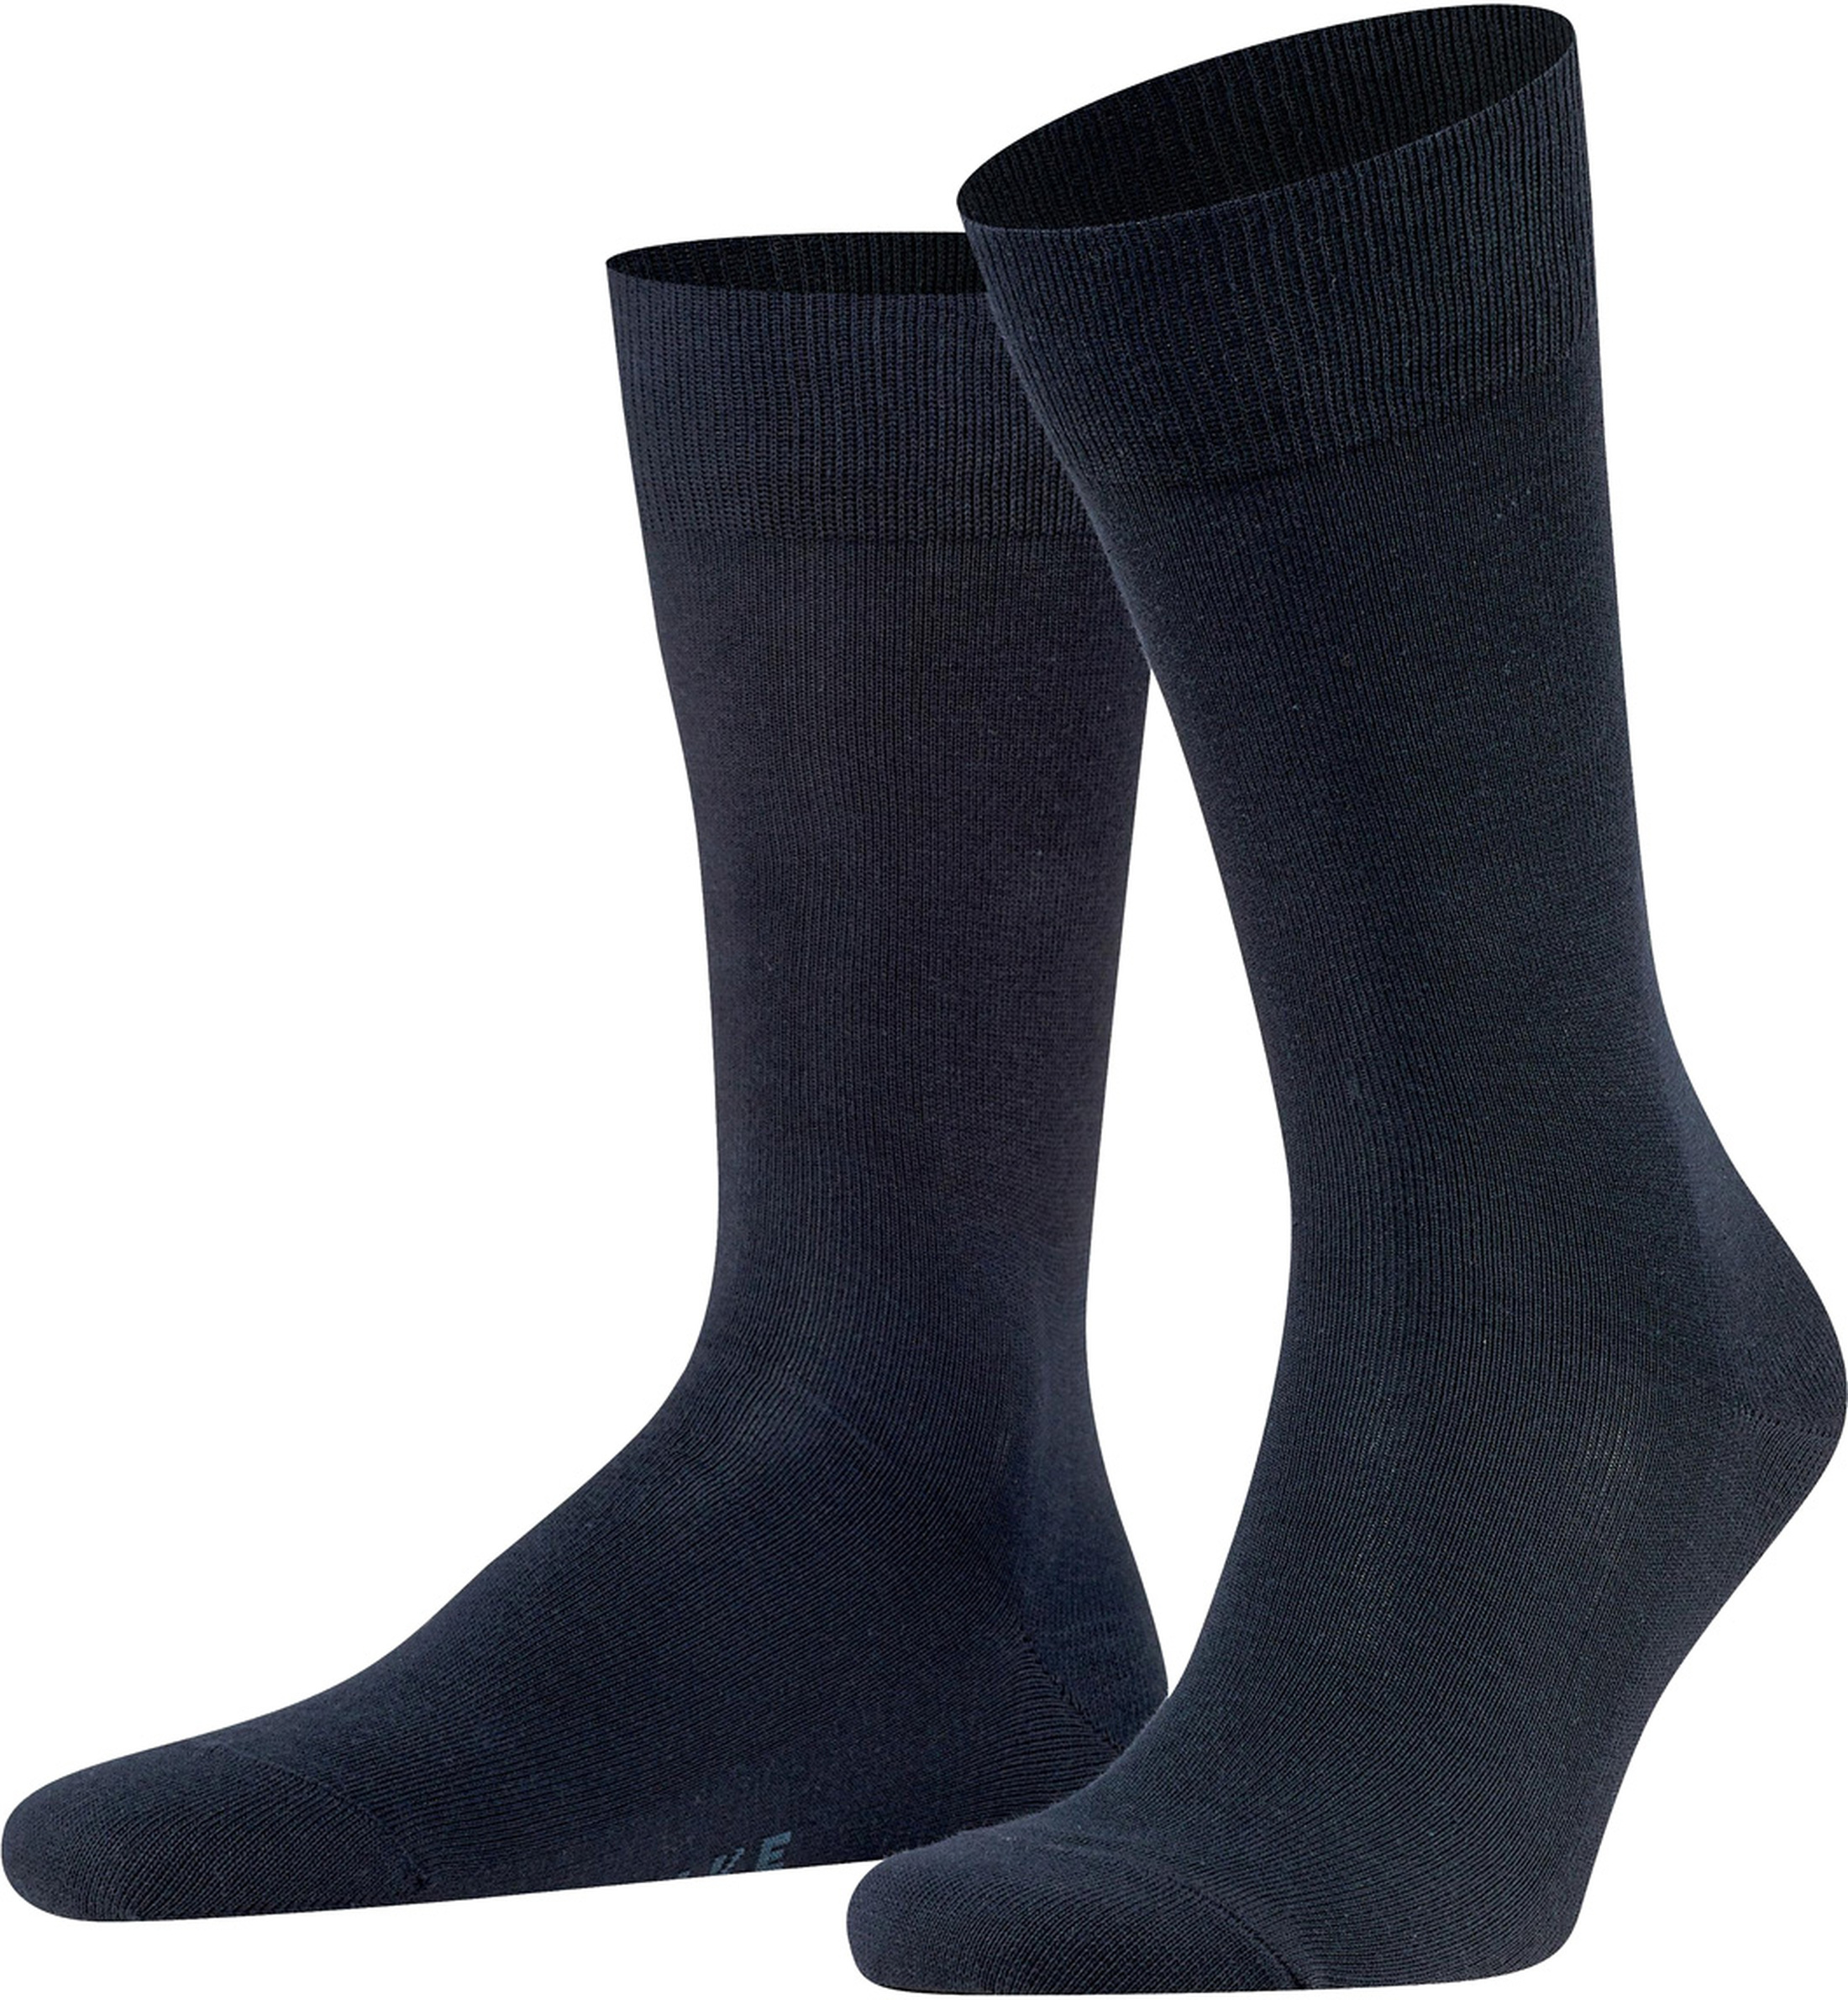 Falke Family Socks Dark Navy 6370